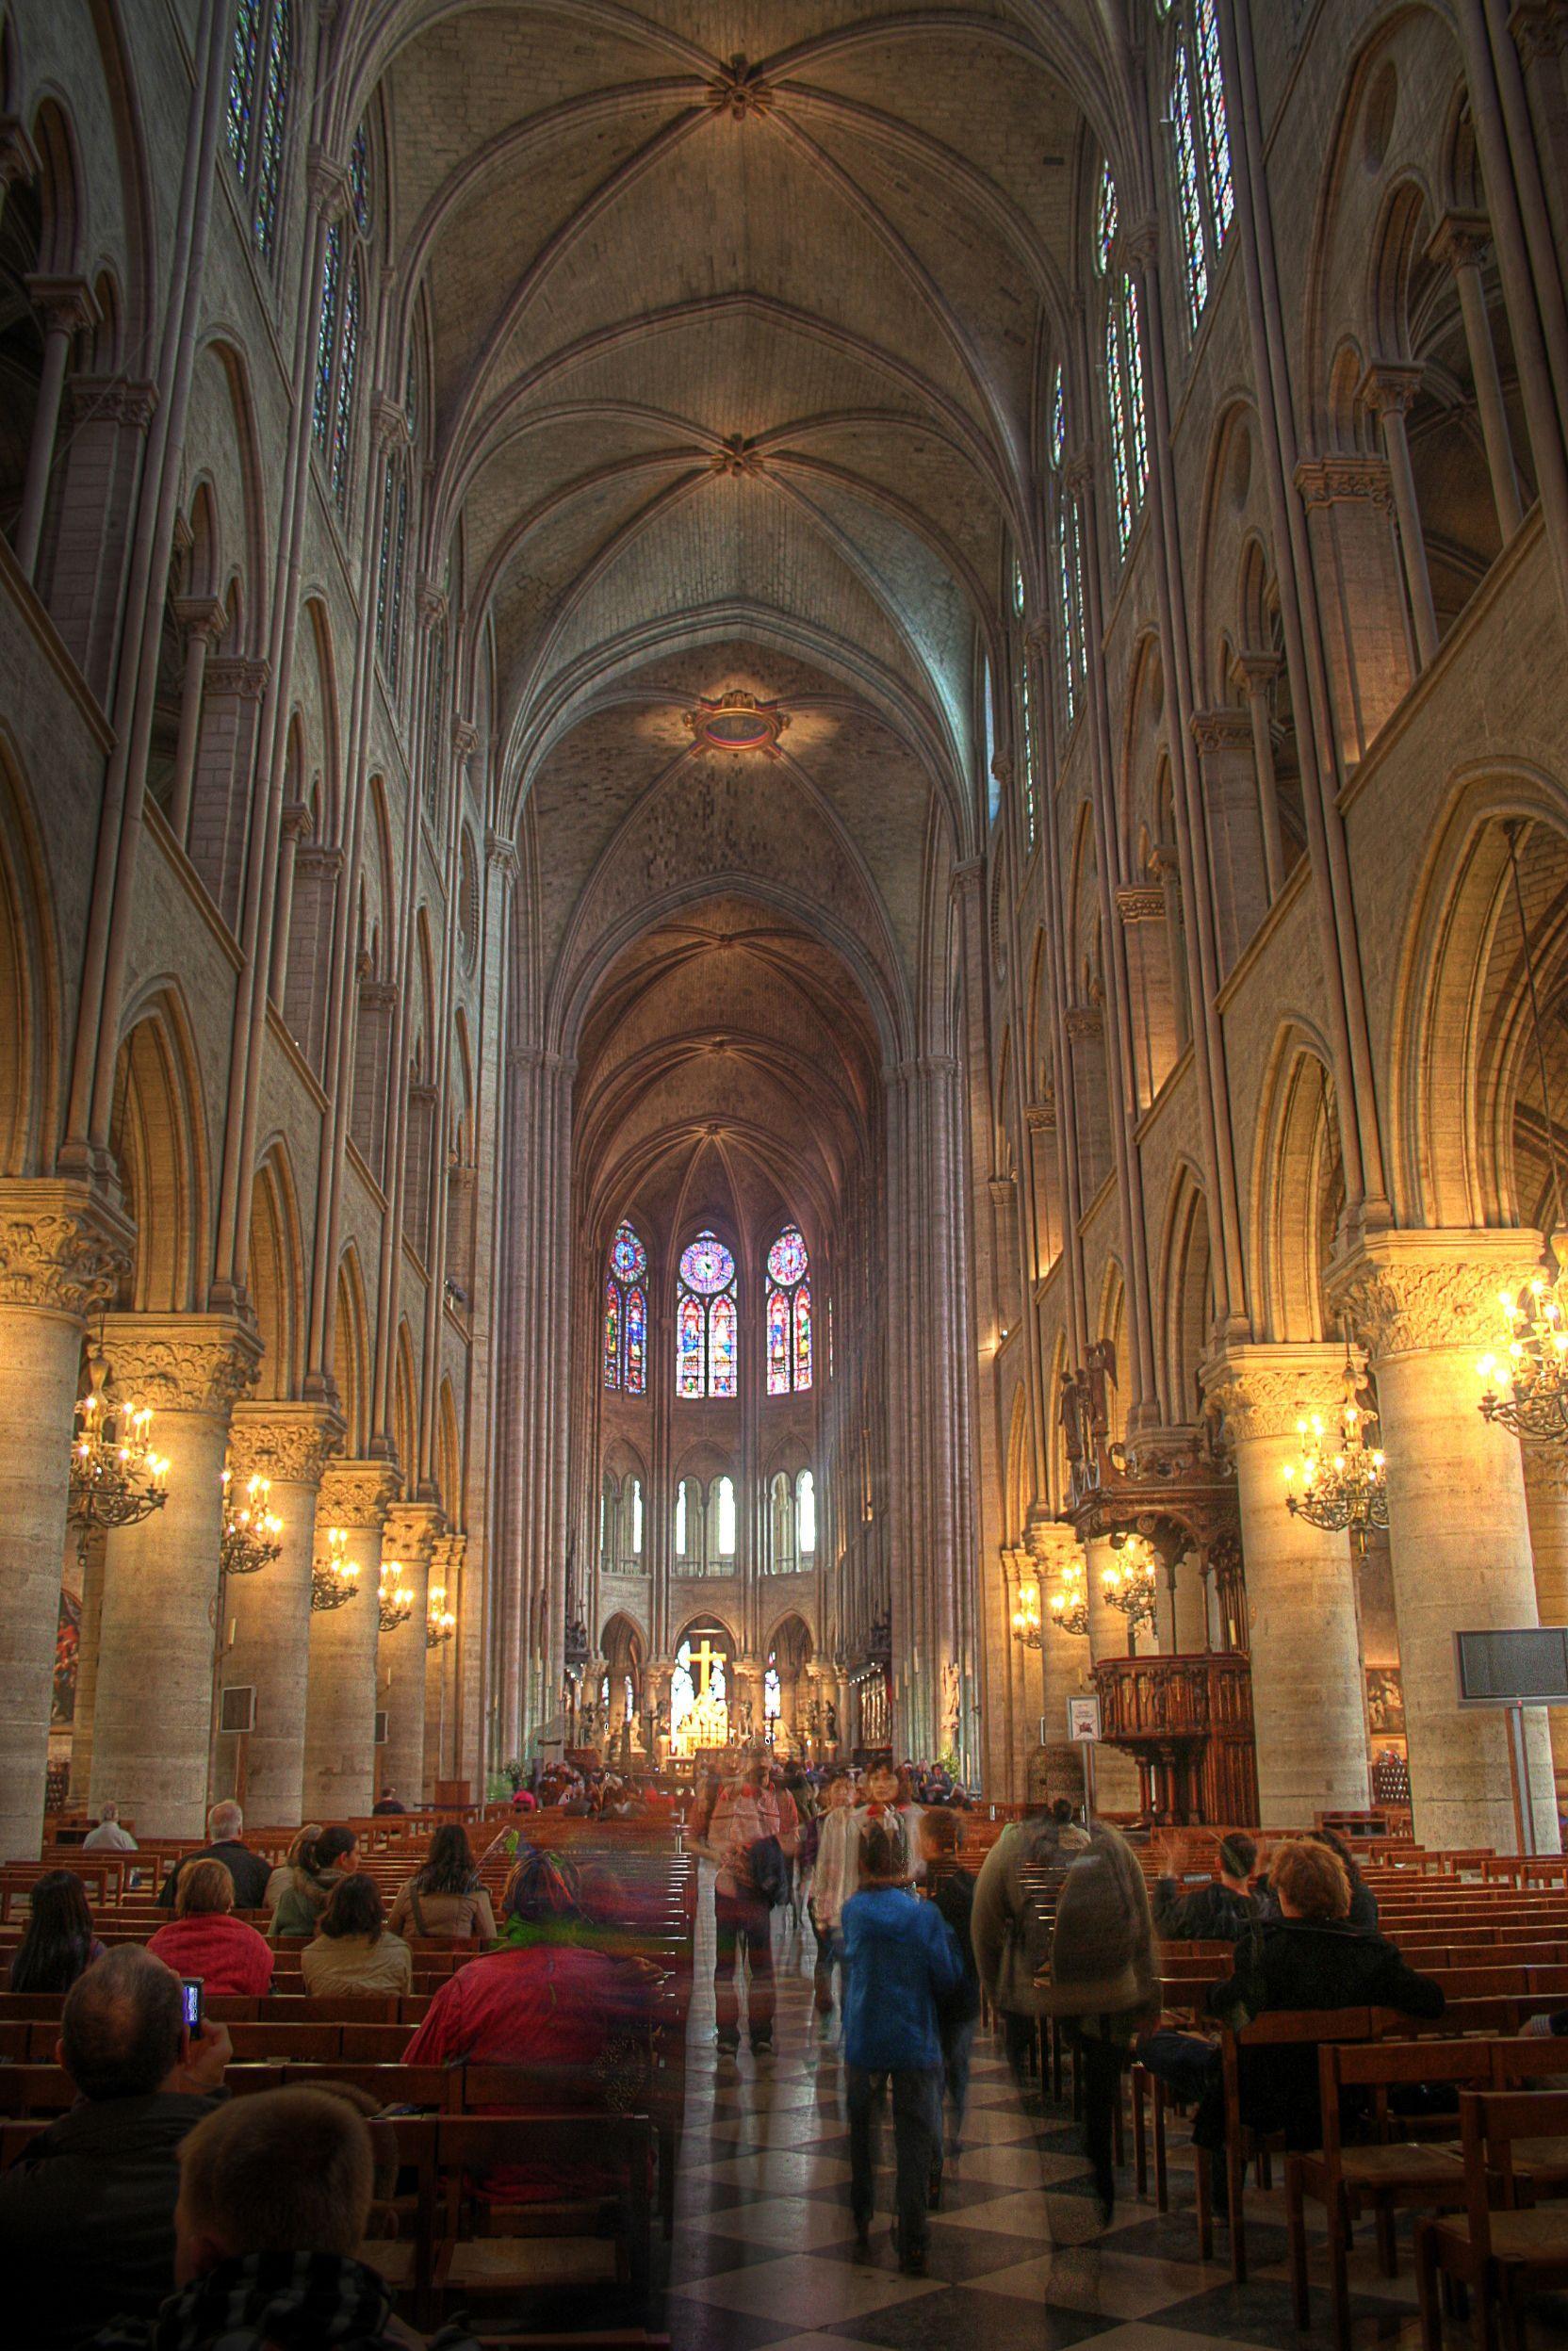 Chrámu Notre-Dame už jednou hrozila velká zkáza. Jaký je příběh nejúchvatnější stavby naší civilizace?